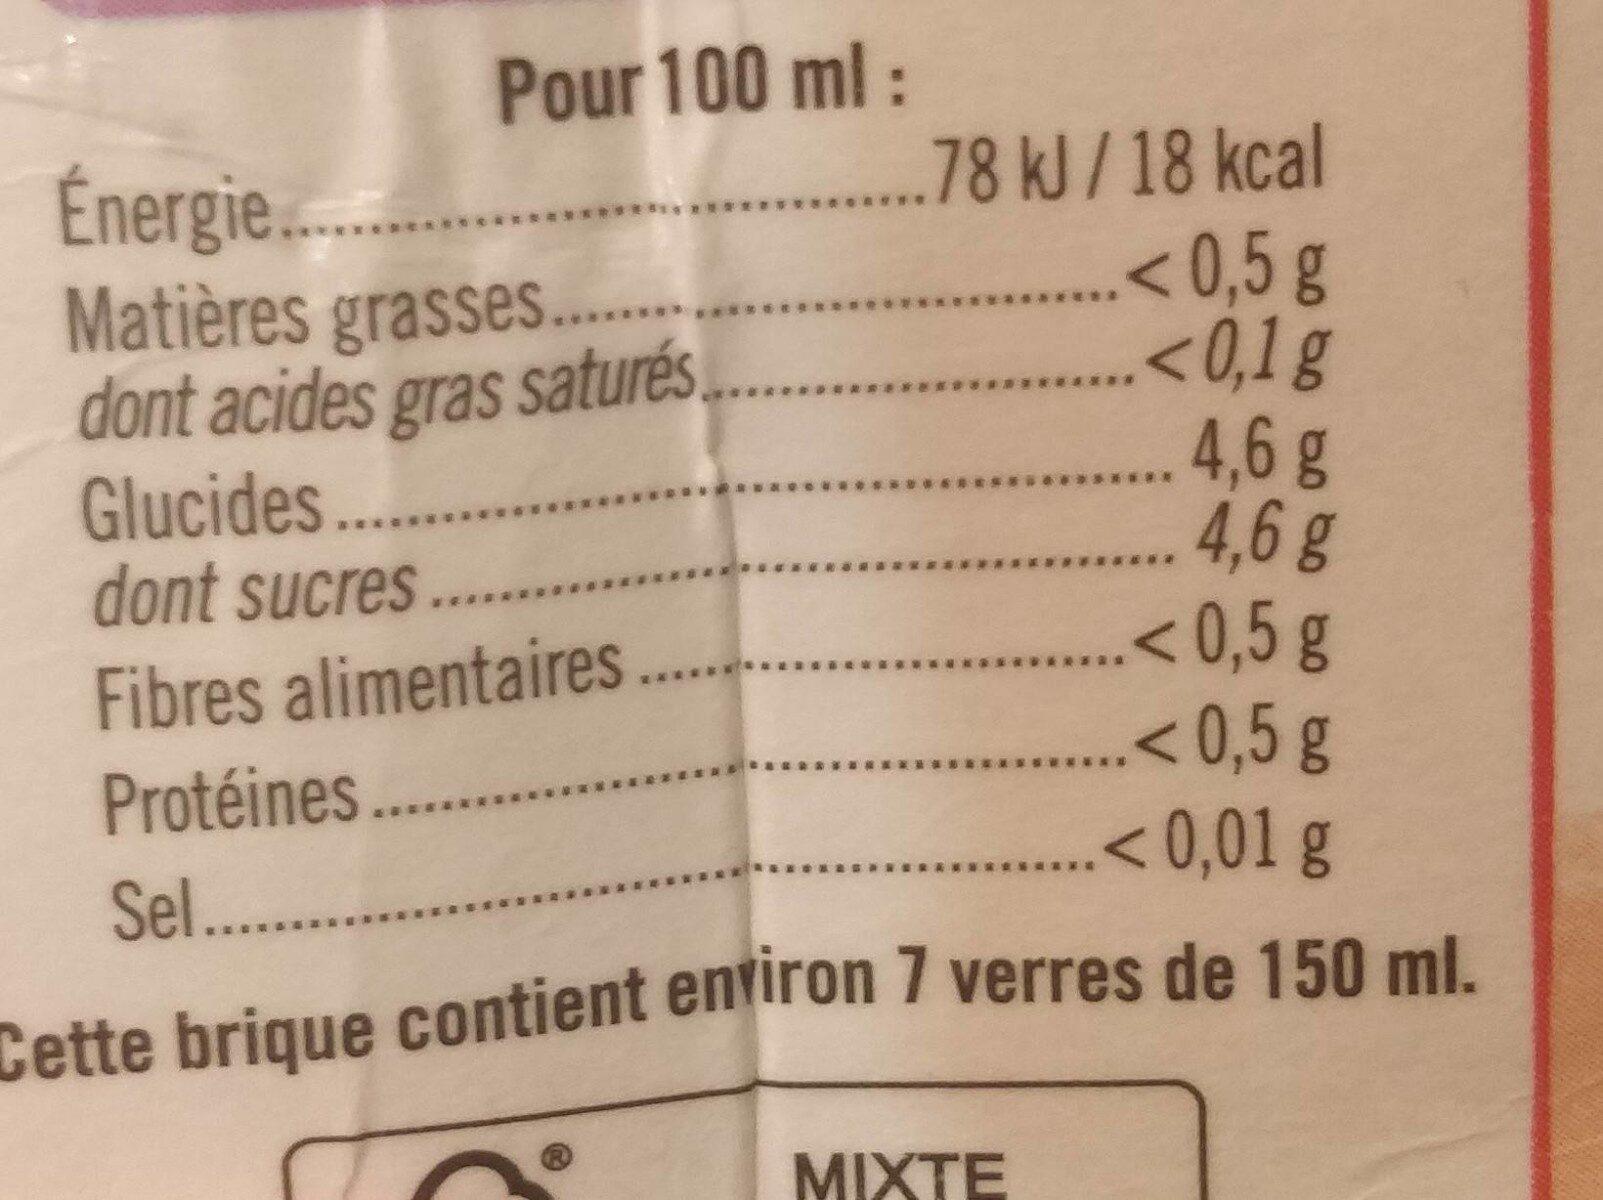 Boisson à base d'infusion de thé noir et verveine saveur pêche - Informations nutritionnelles - fr